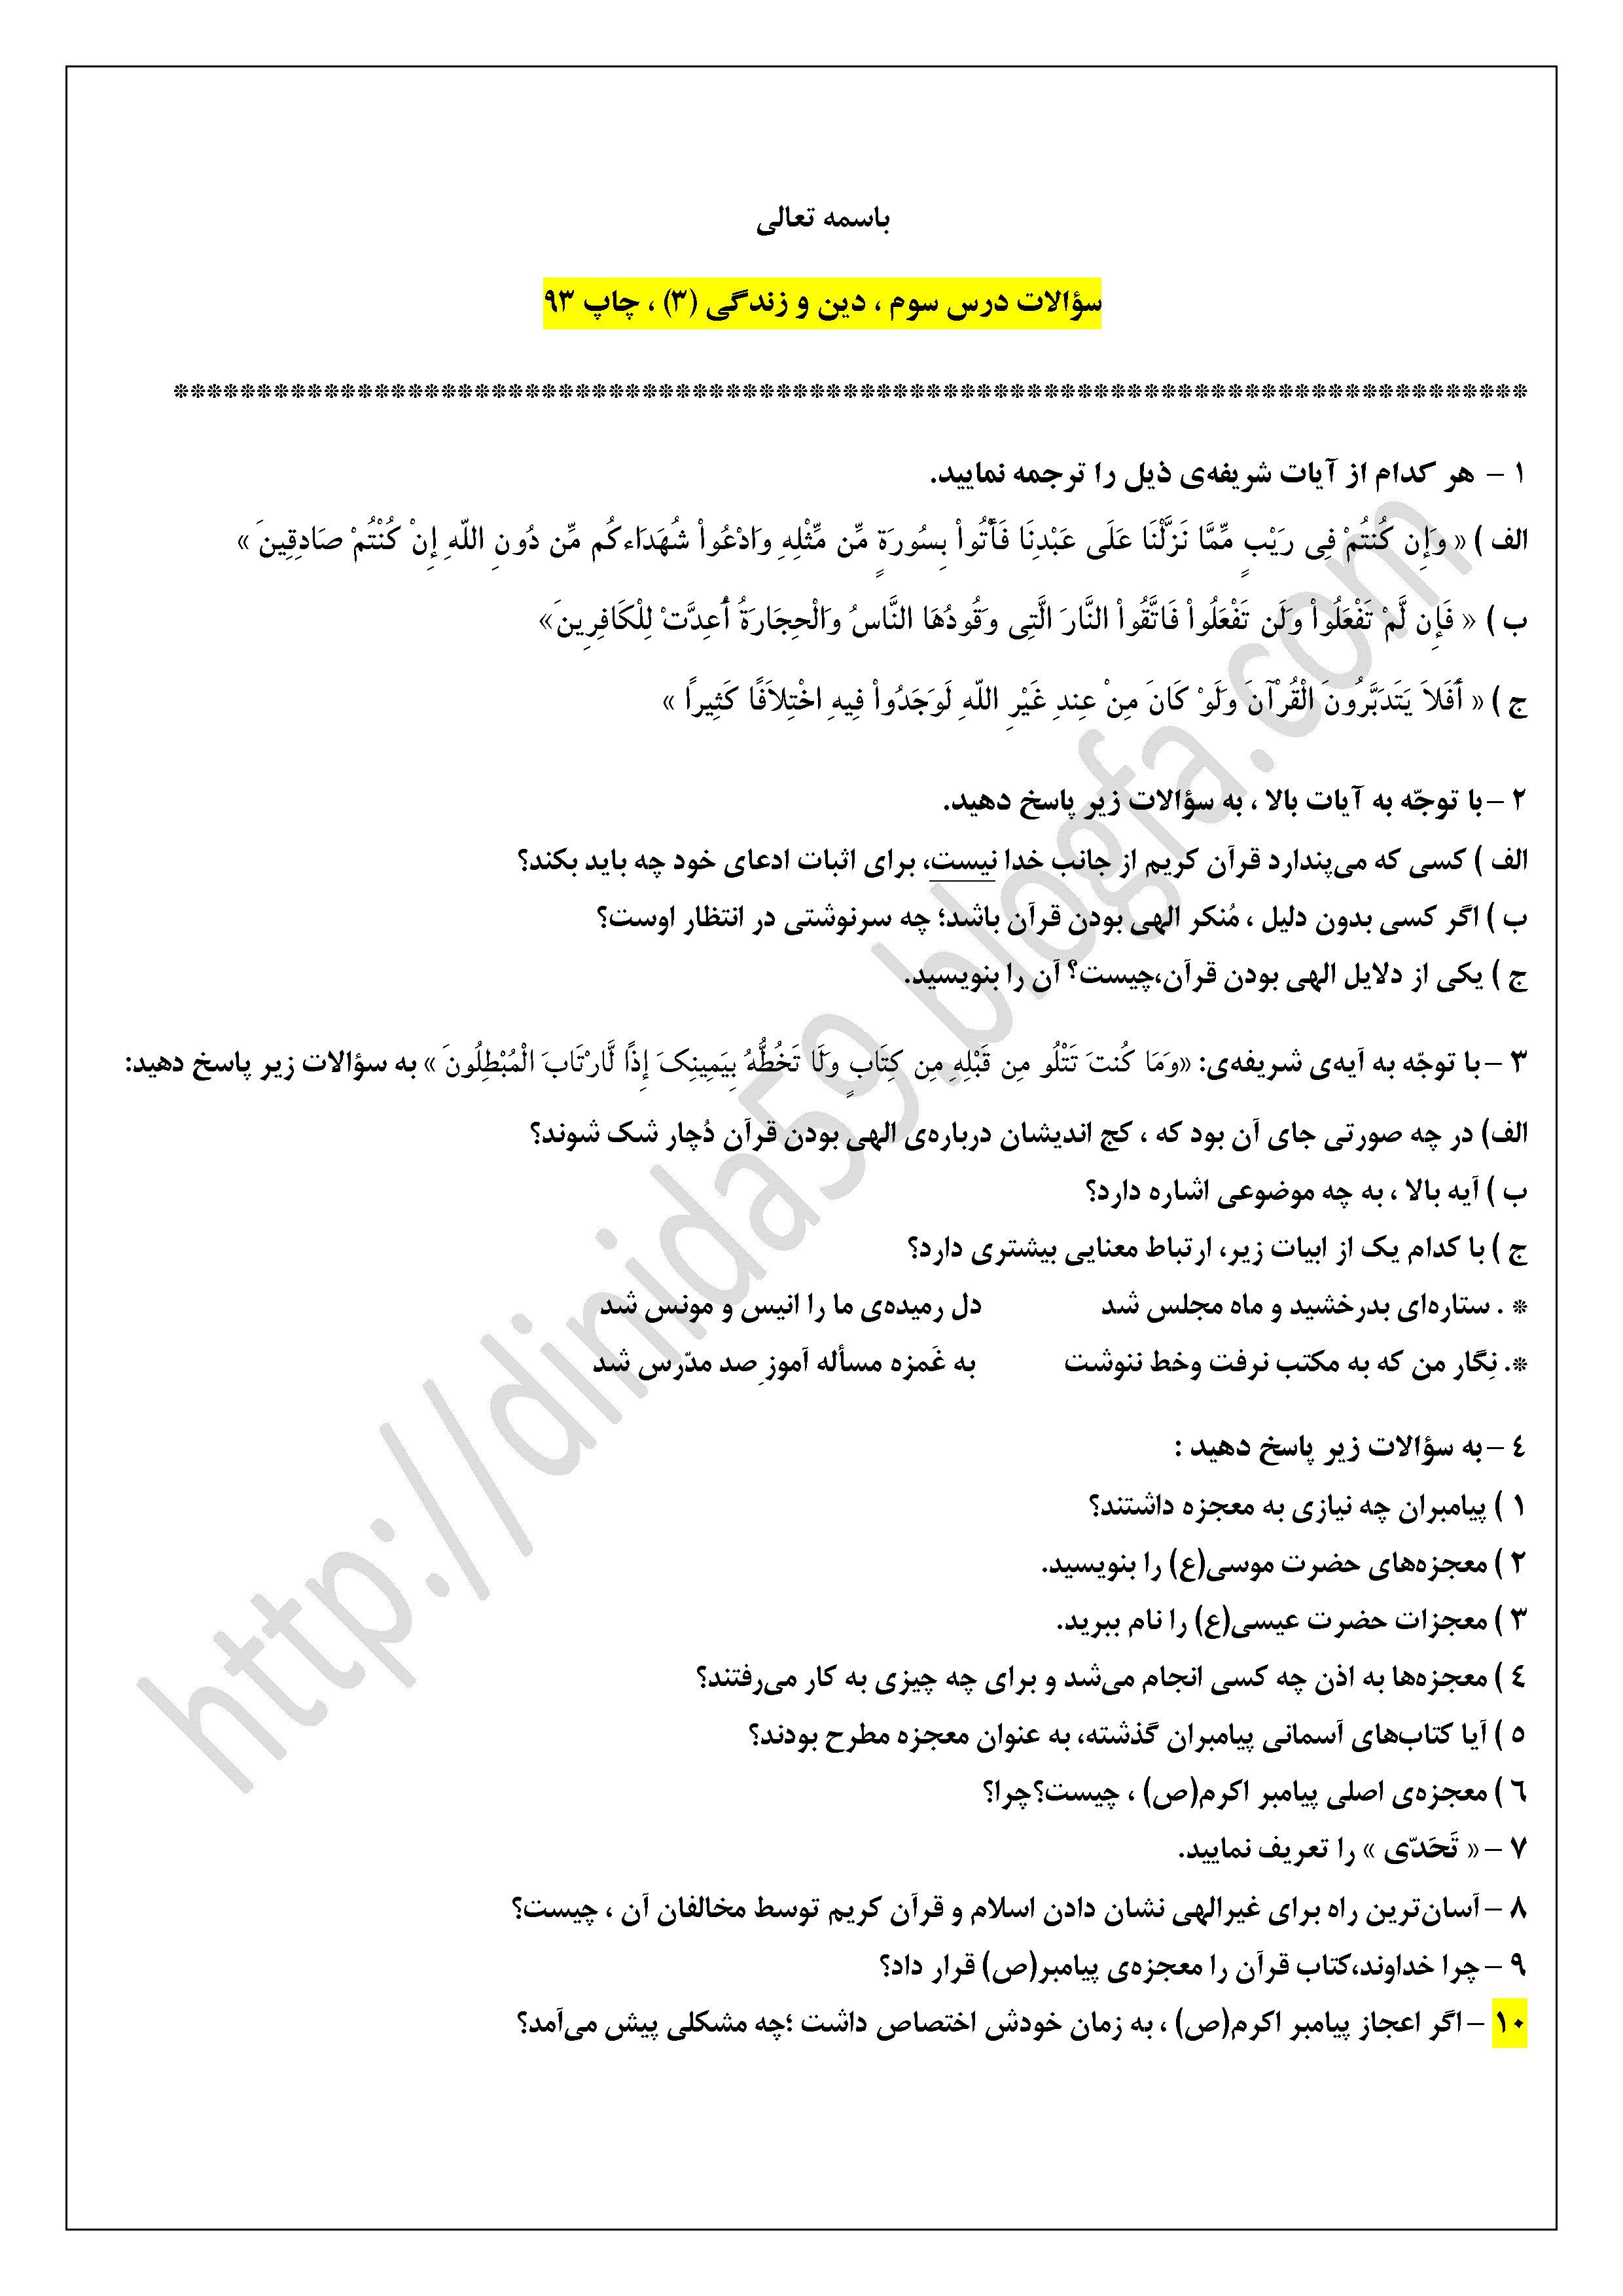 دین وزندگی تایبادسؤالات درس سوم ، صفحه اول